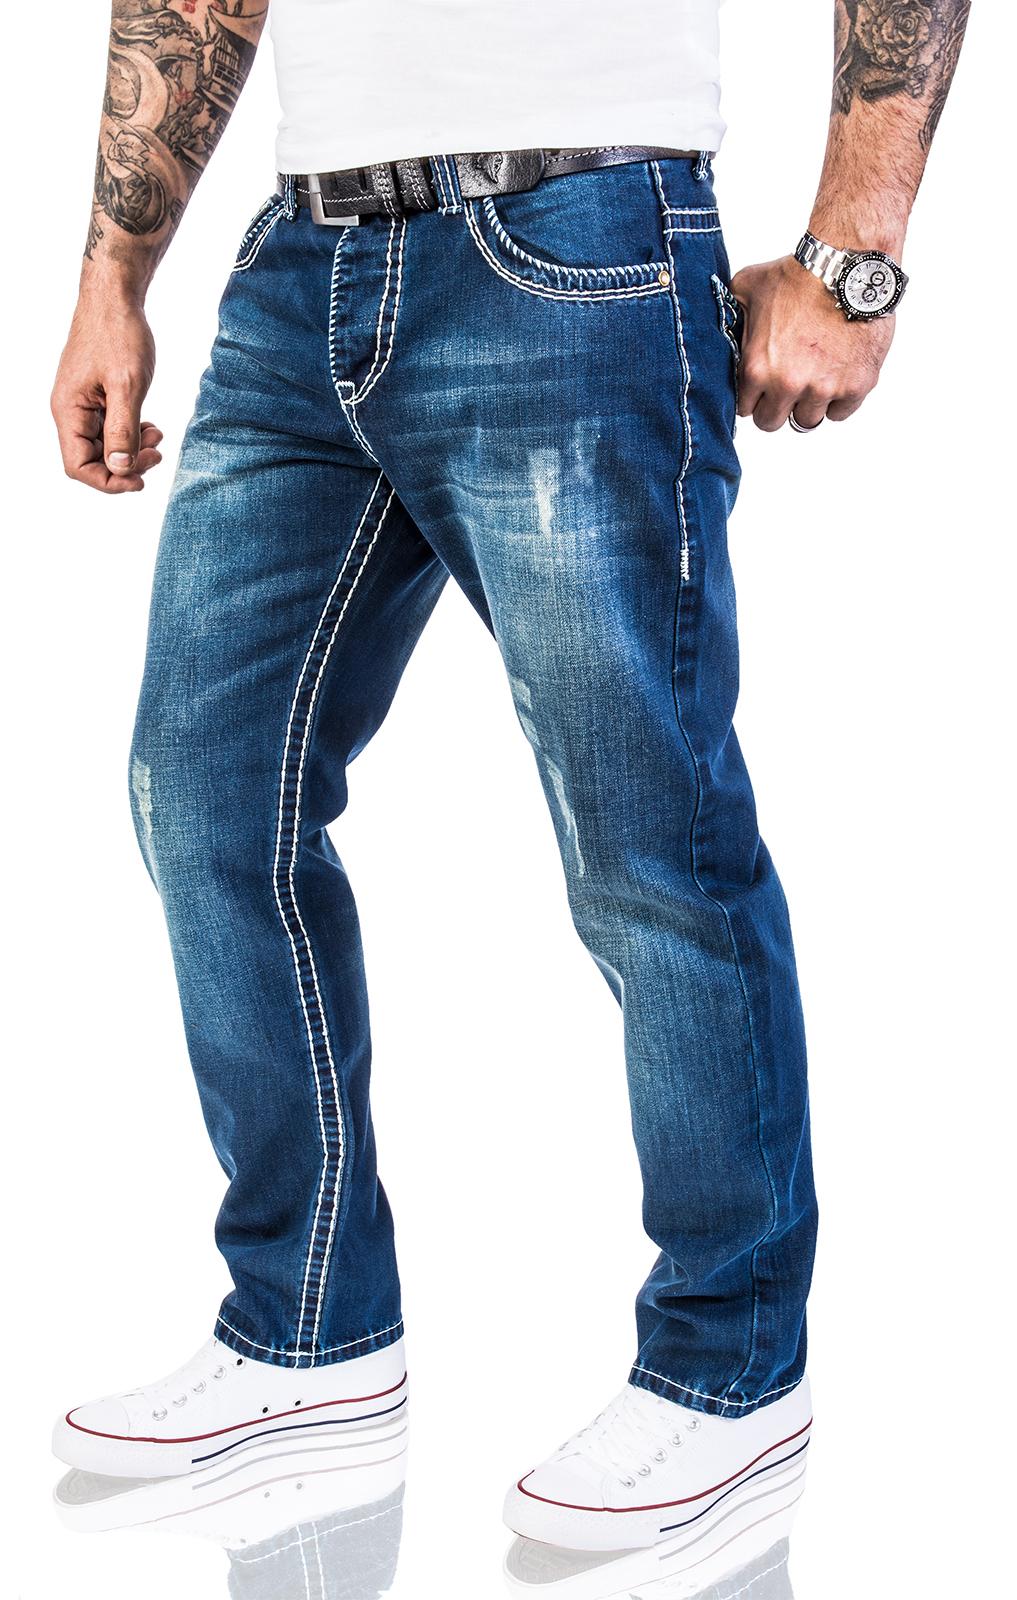 Herren Jacken online günstig kaufen Rock Creek